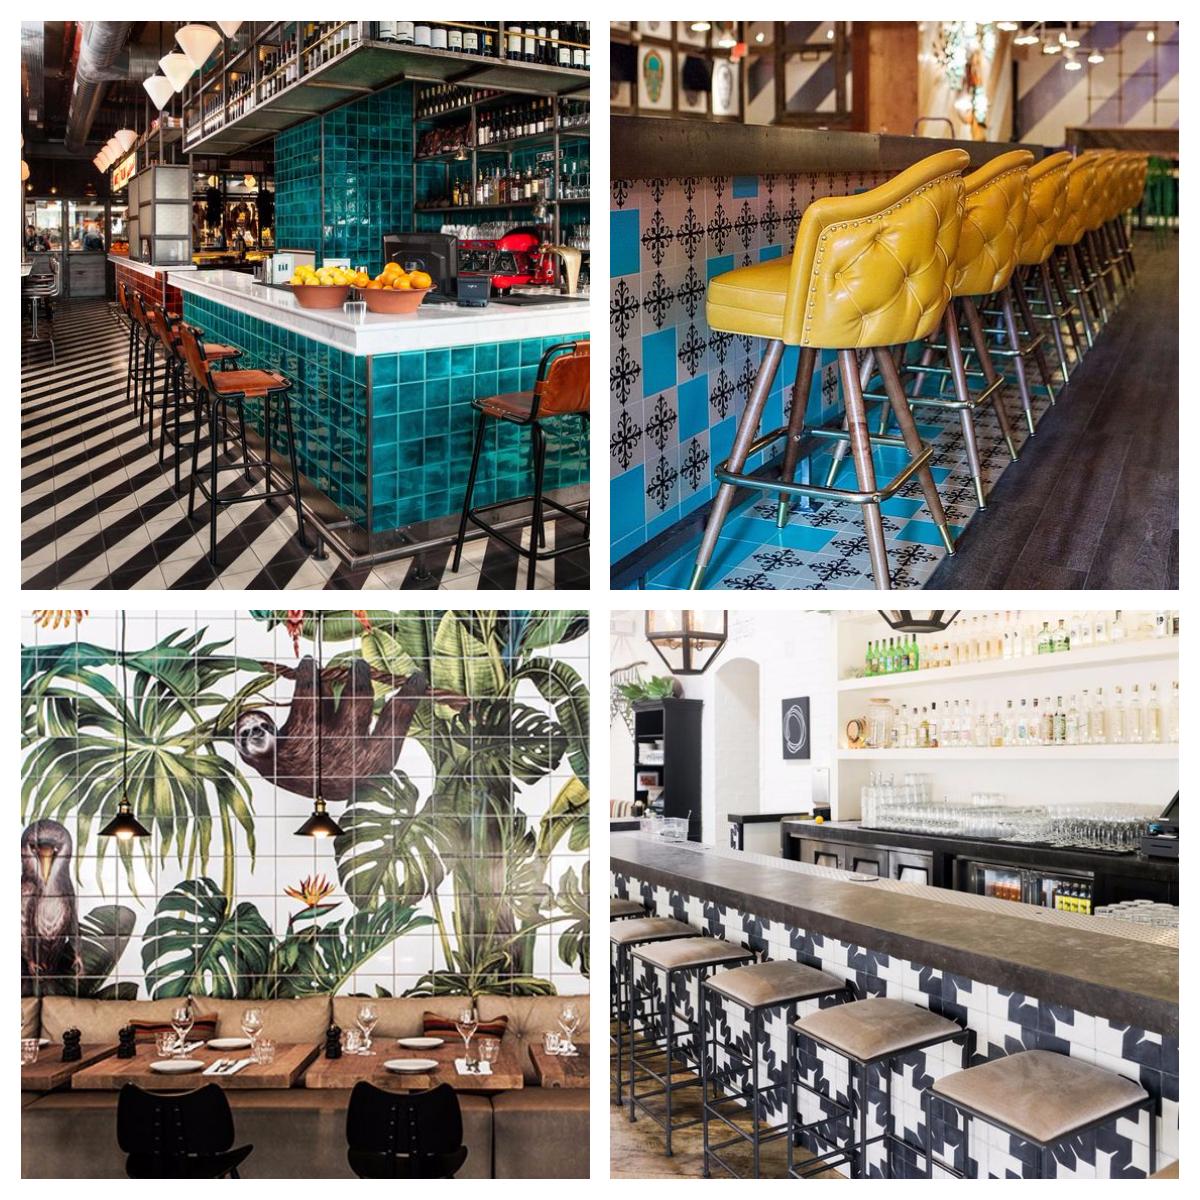 Top restaurant design trends of